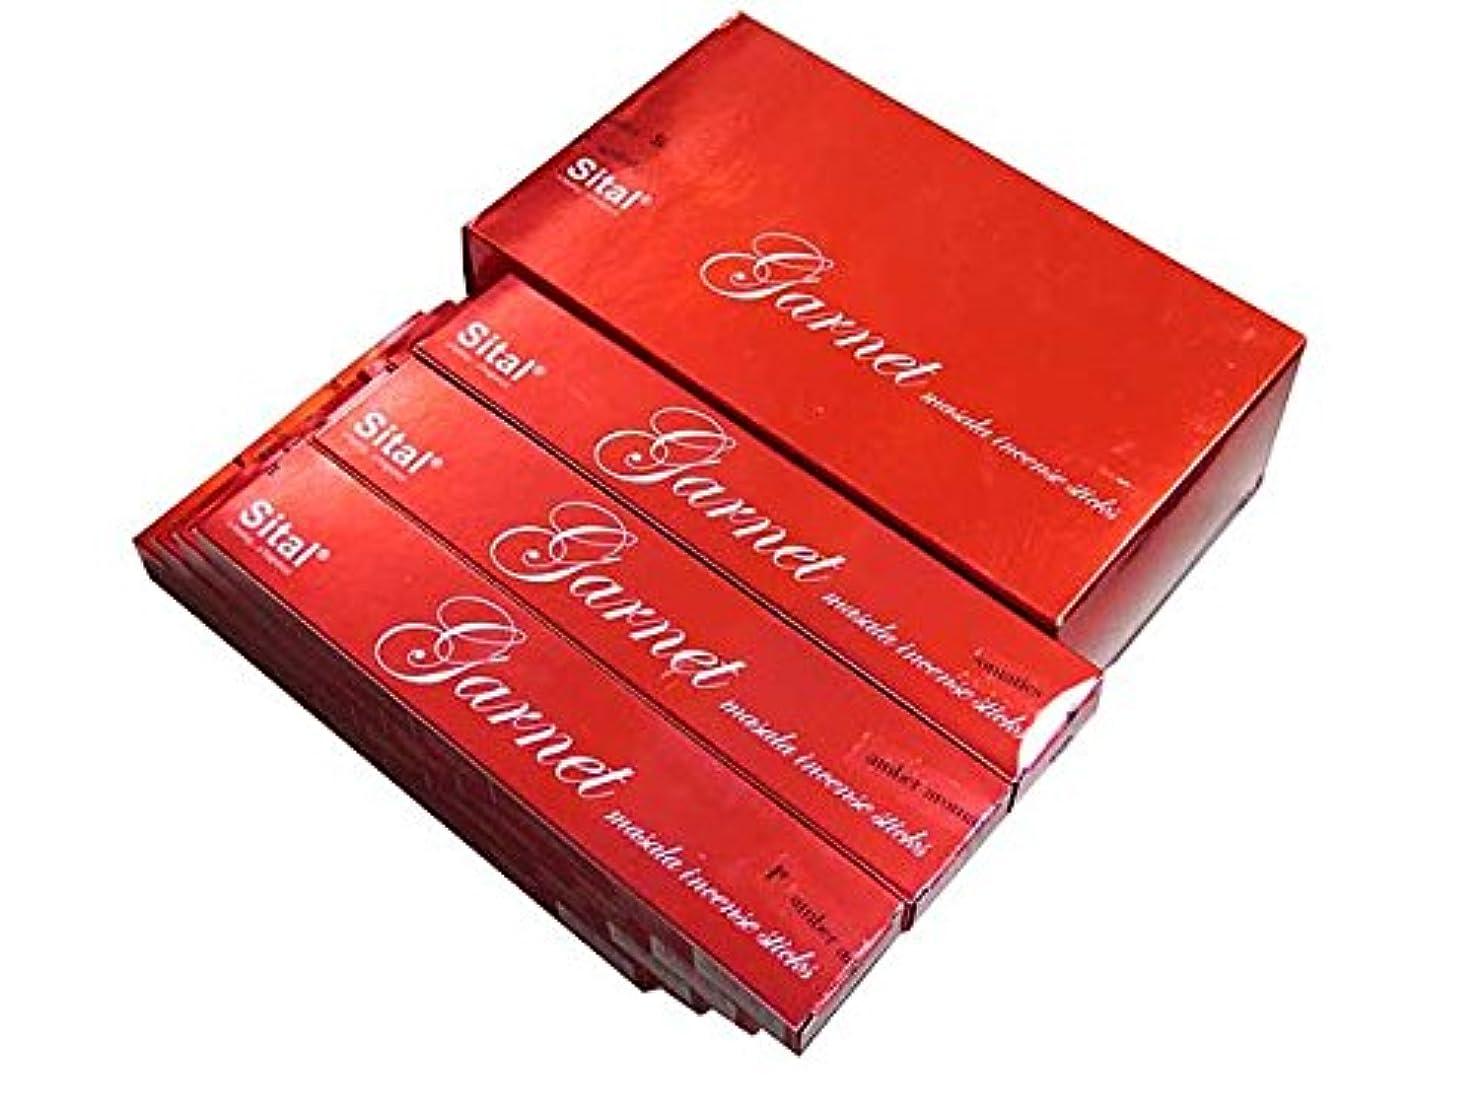 エジプト人値下げメイドSITAL(シタル) シタル プレミアムマサラ ガーネット香 スティック GARNET 12箱セット